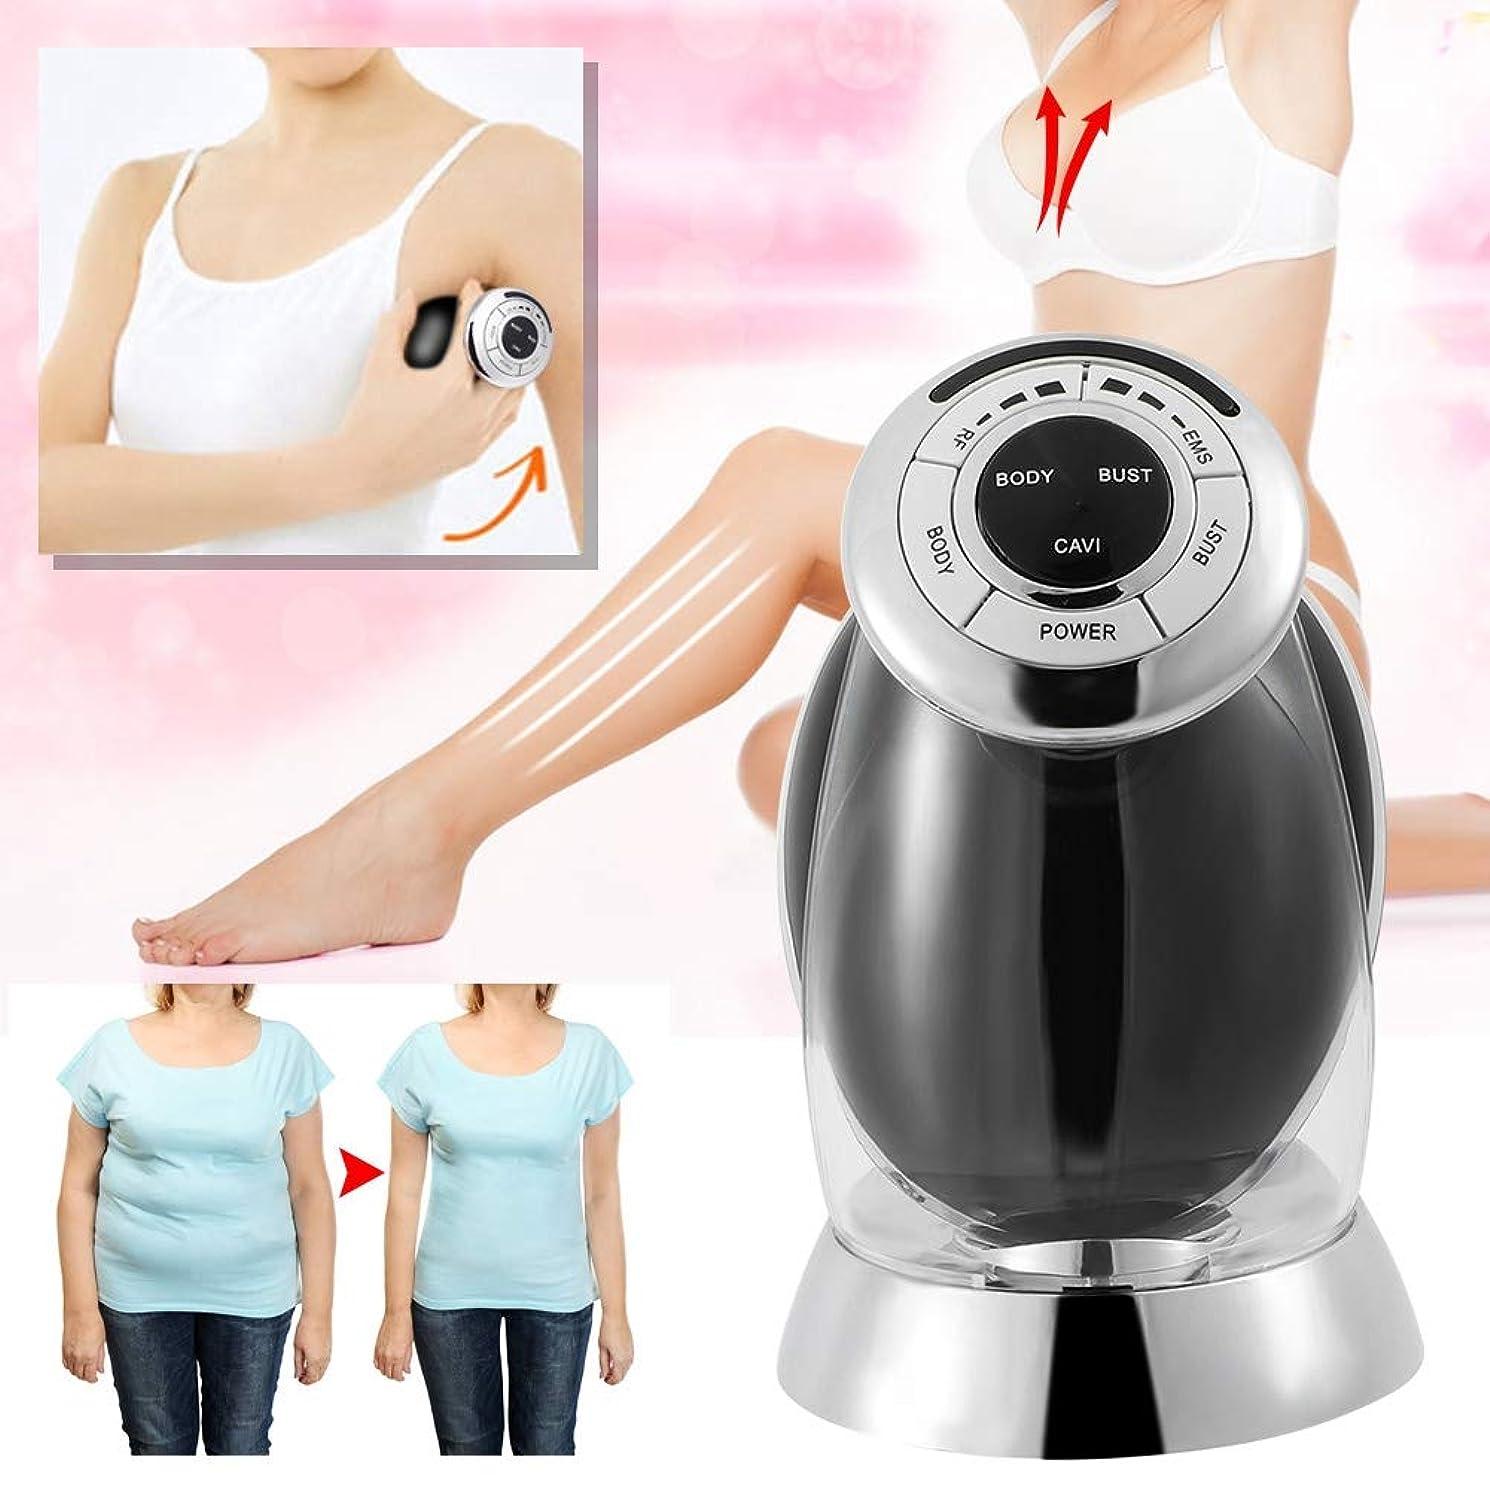 ダウン絶滅させる猫背胸美容ツール、ボディ痩身マシン、EMS RF脂肪燃焼マシン、痩身ボディ、乳房脂肪美容機器の燃焼用(AU)